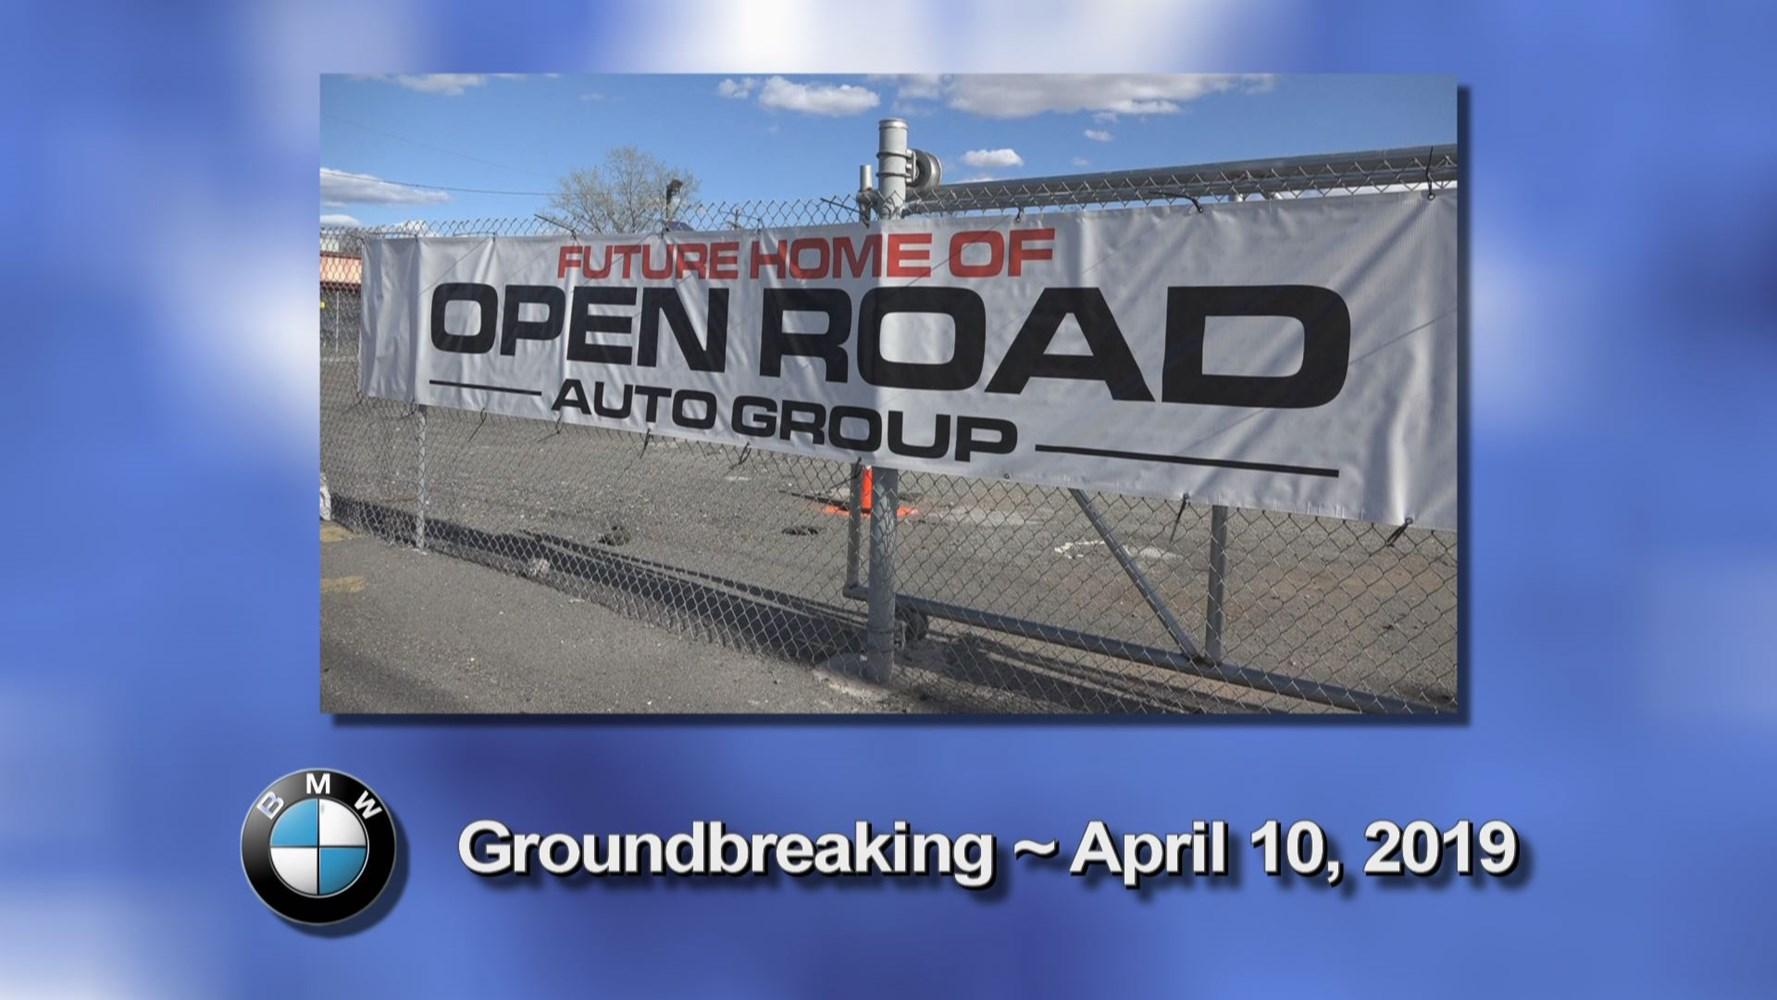 Open Road Bmw >> Open Road Bmw Groundbreaking Ceremony